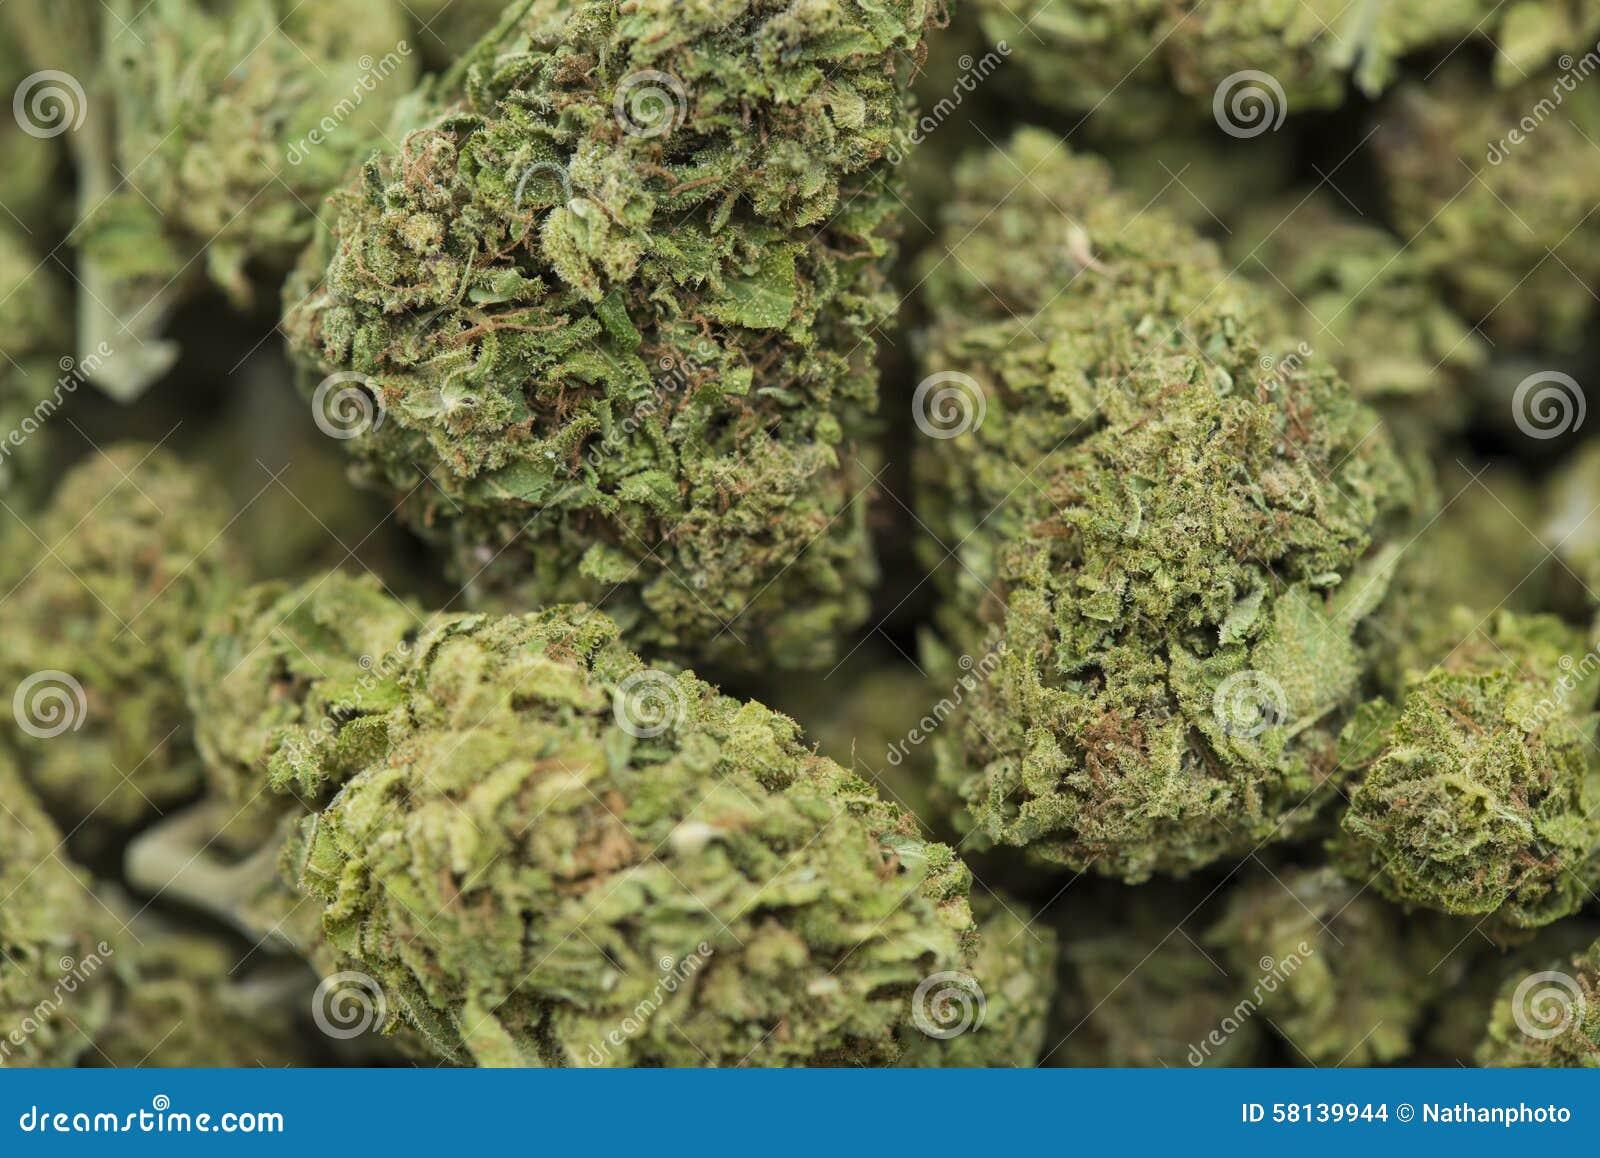 Verwerkte medische marihuana